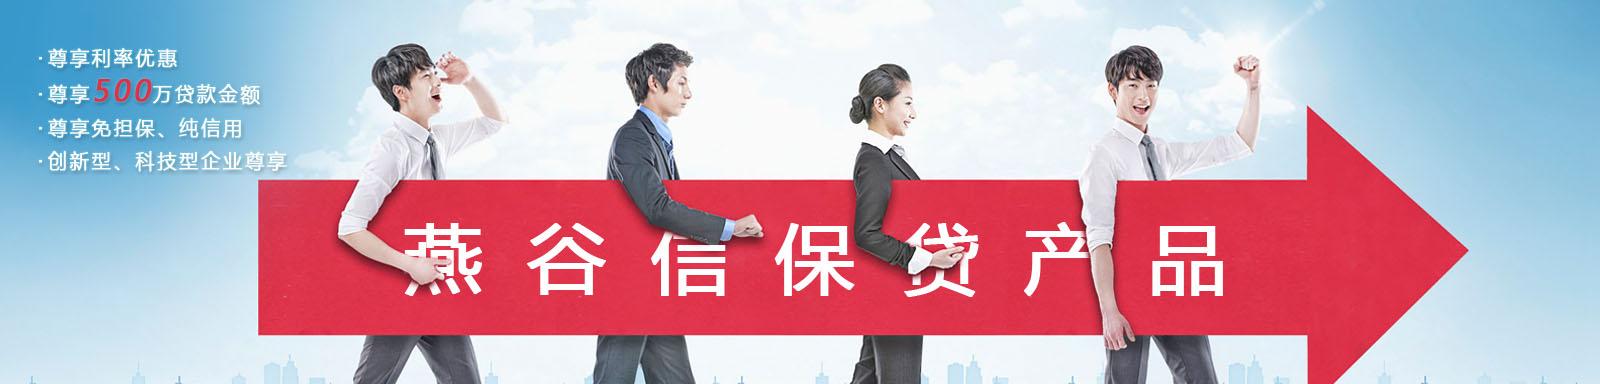 燕谷信保贷gai2.jpg